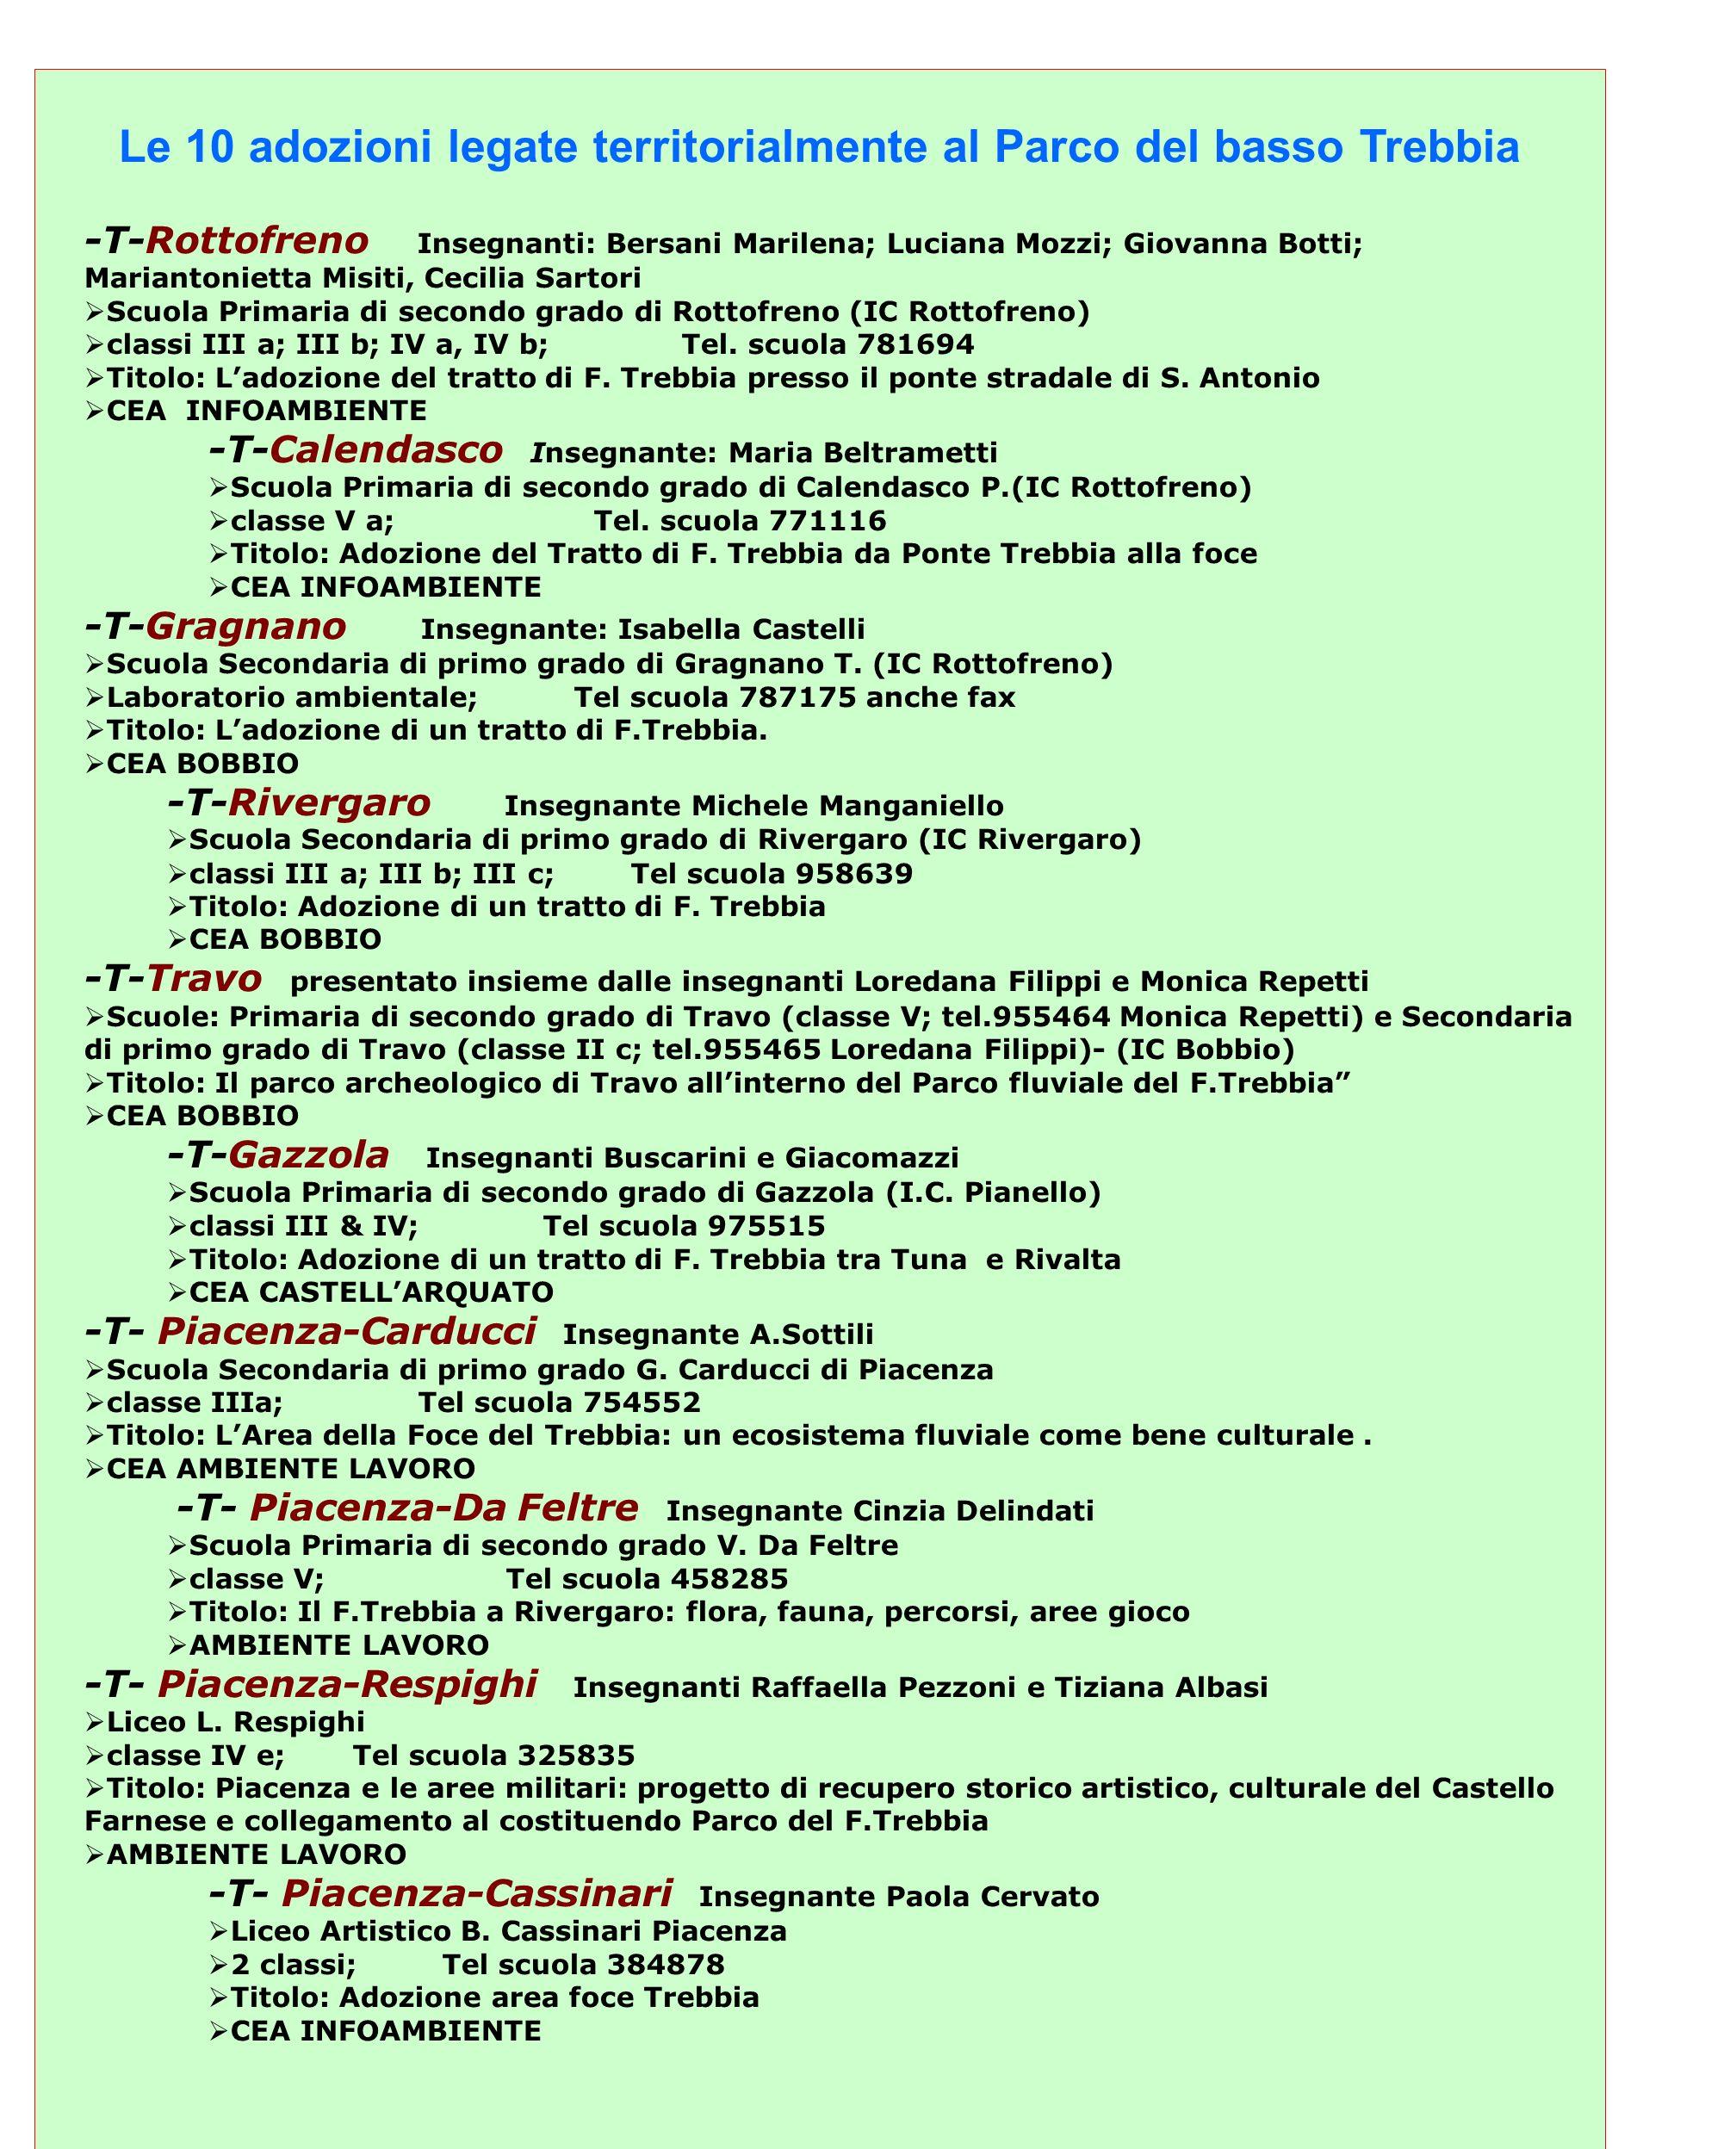 Le tre adozioni legate territorialmente al Paesaggio Naturale protetto della Val Riglio -R- Pontenure - Presentato insieme dalle insegnanti Insegnanti A.